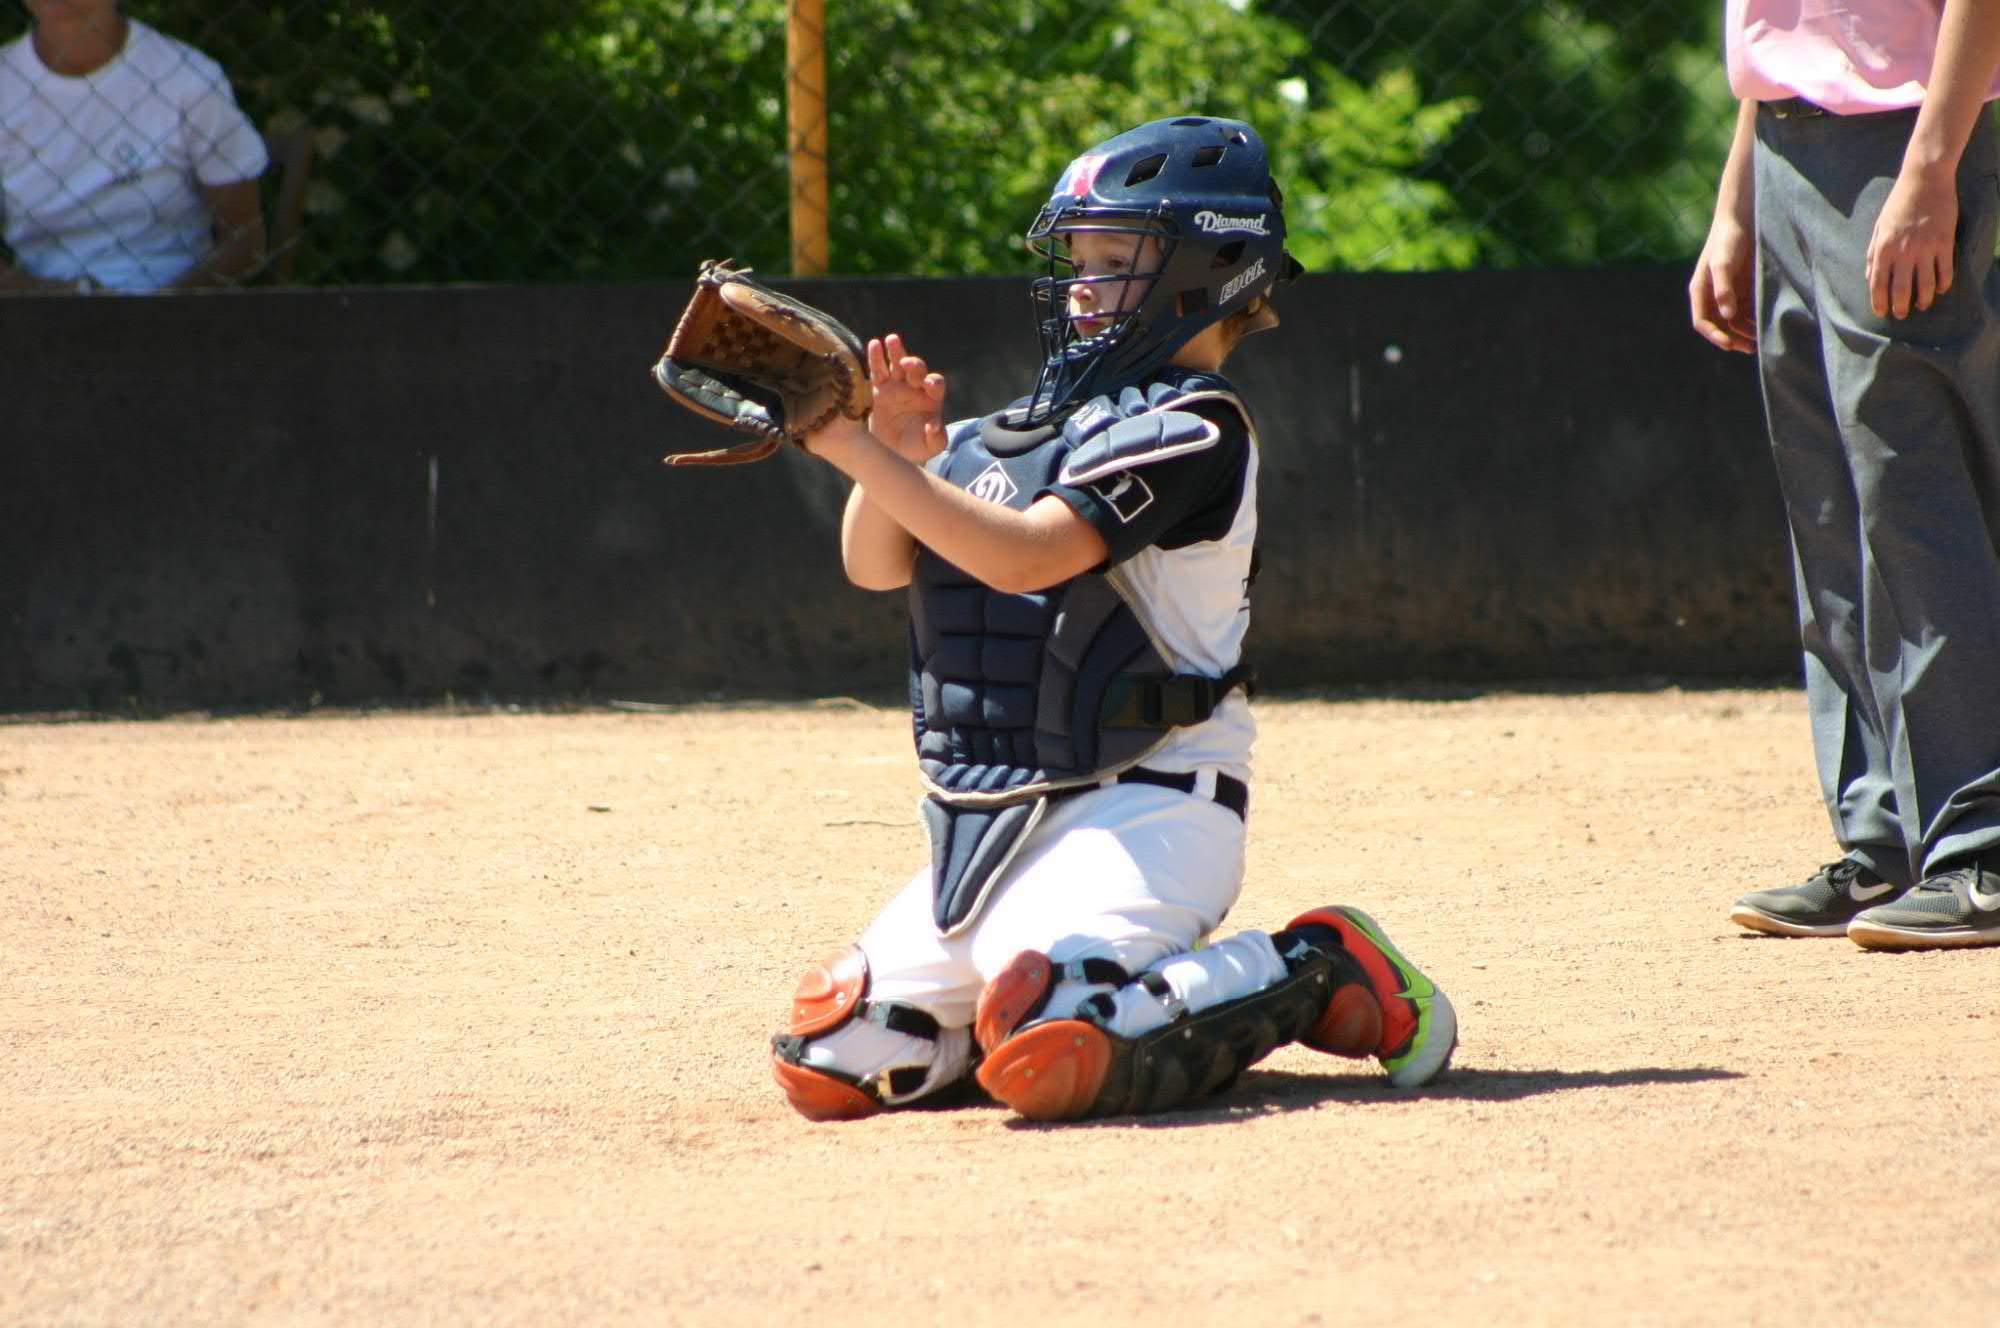 V baseballu se chytá...někdy snadno, někdy v rybičce, někdy třeba v brnění...